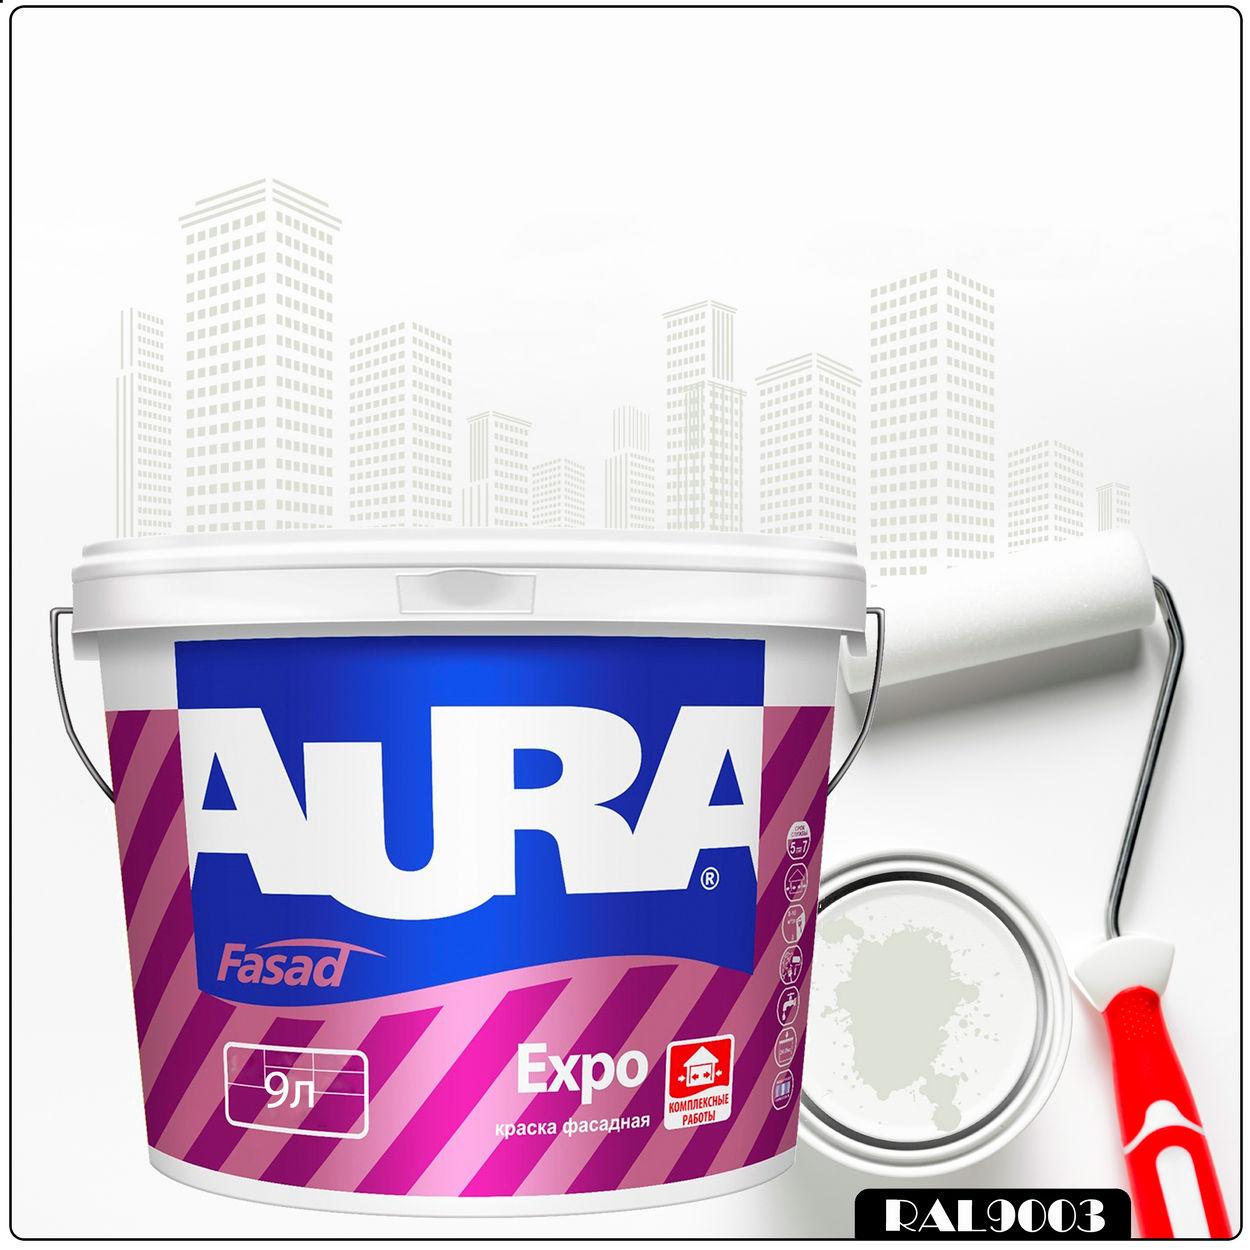 Фото 3 - Краска Aura Fasad Expo, RAL 9003 Сигнальный-белый, матовая, для фасадов и помещений с повышенной влажностью, 9л.